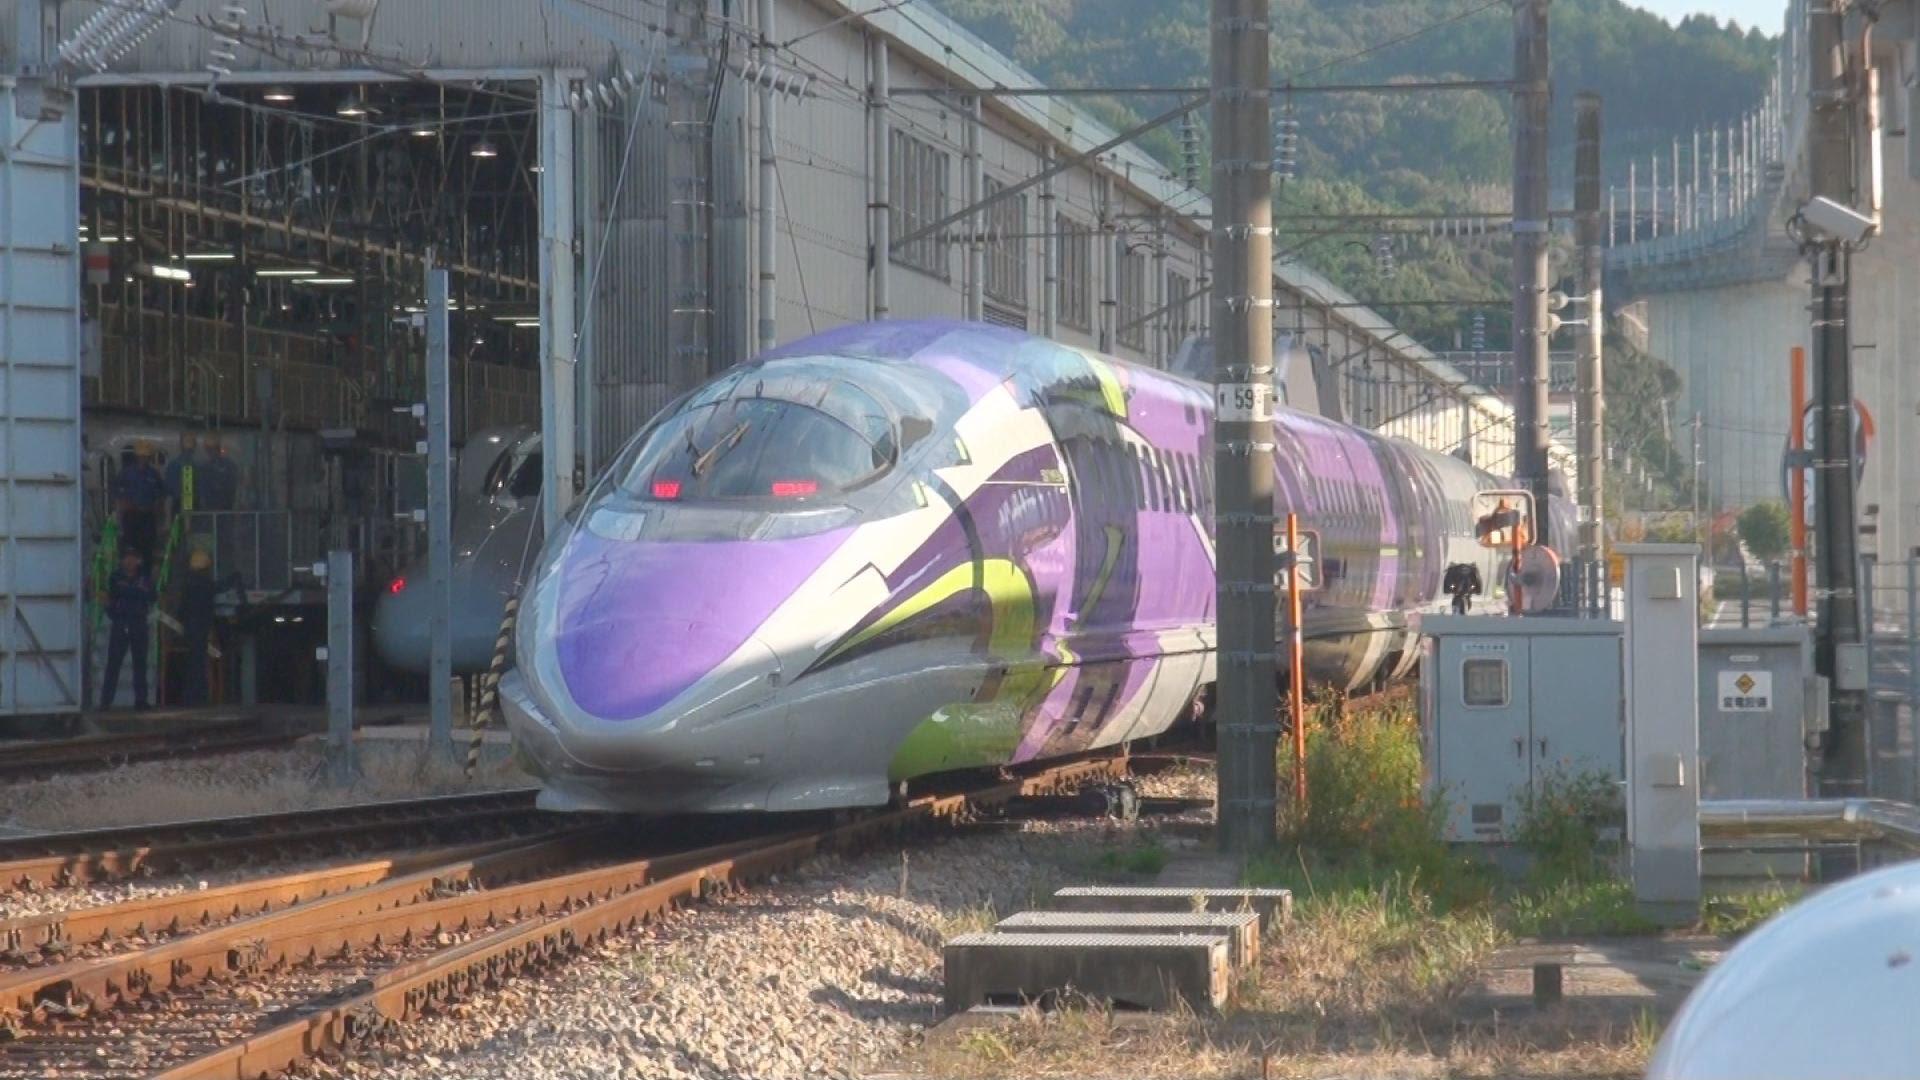 エヴァ新幹線、発進! 新大阪ー博多間を1日1往復予定